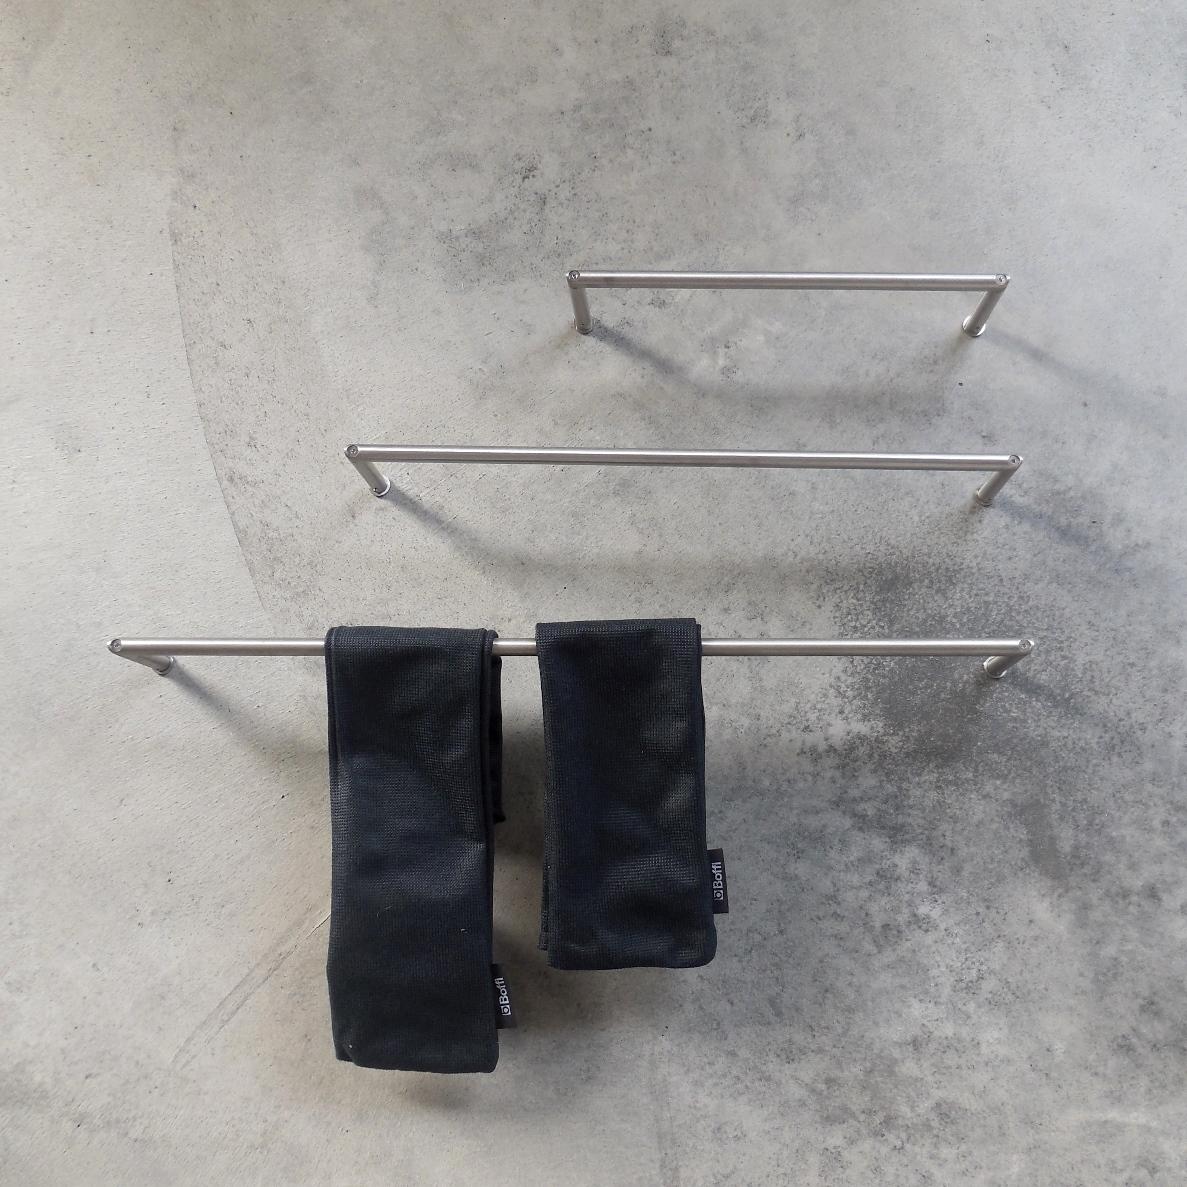 Boffi minimal boffi portasciugamani vendita online accessori bagno arredo bagno a prezzi scontati - Porta asciugamani design ...